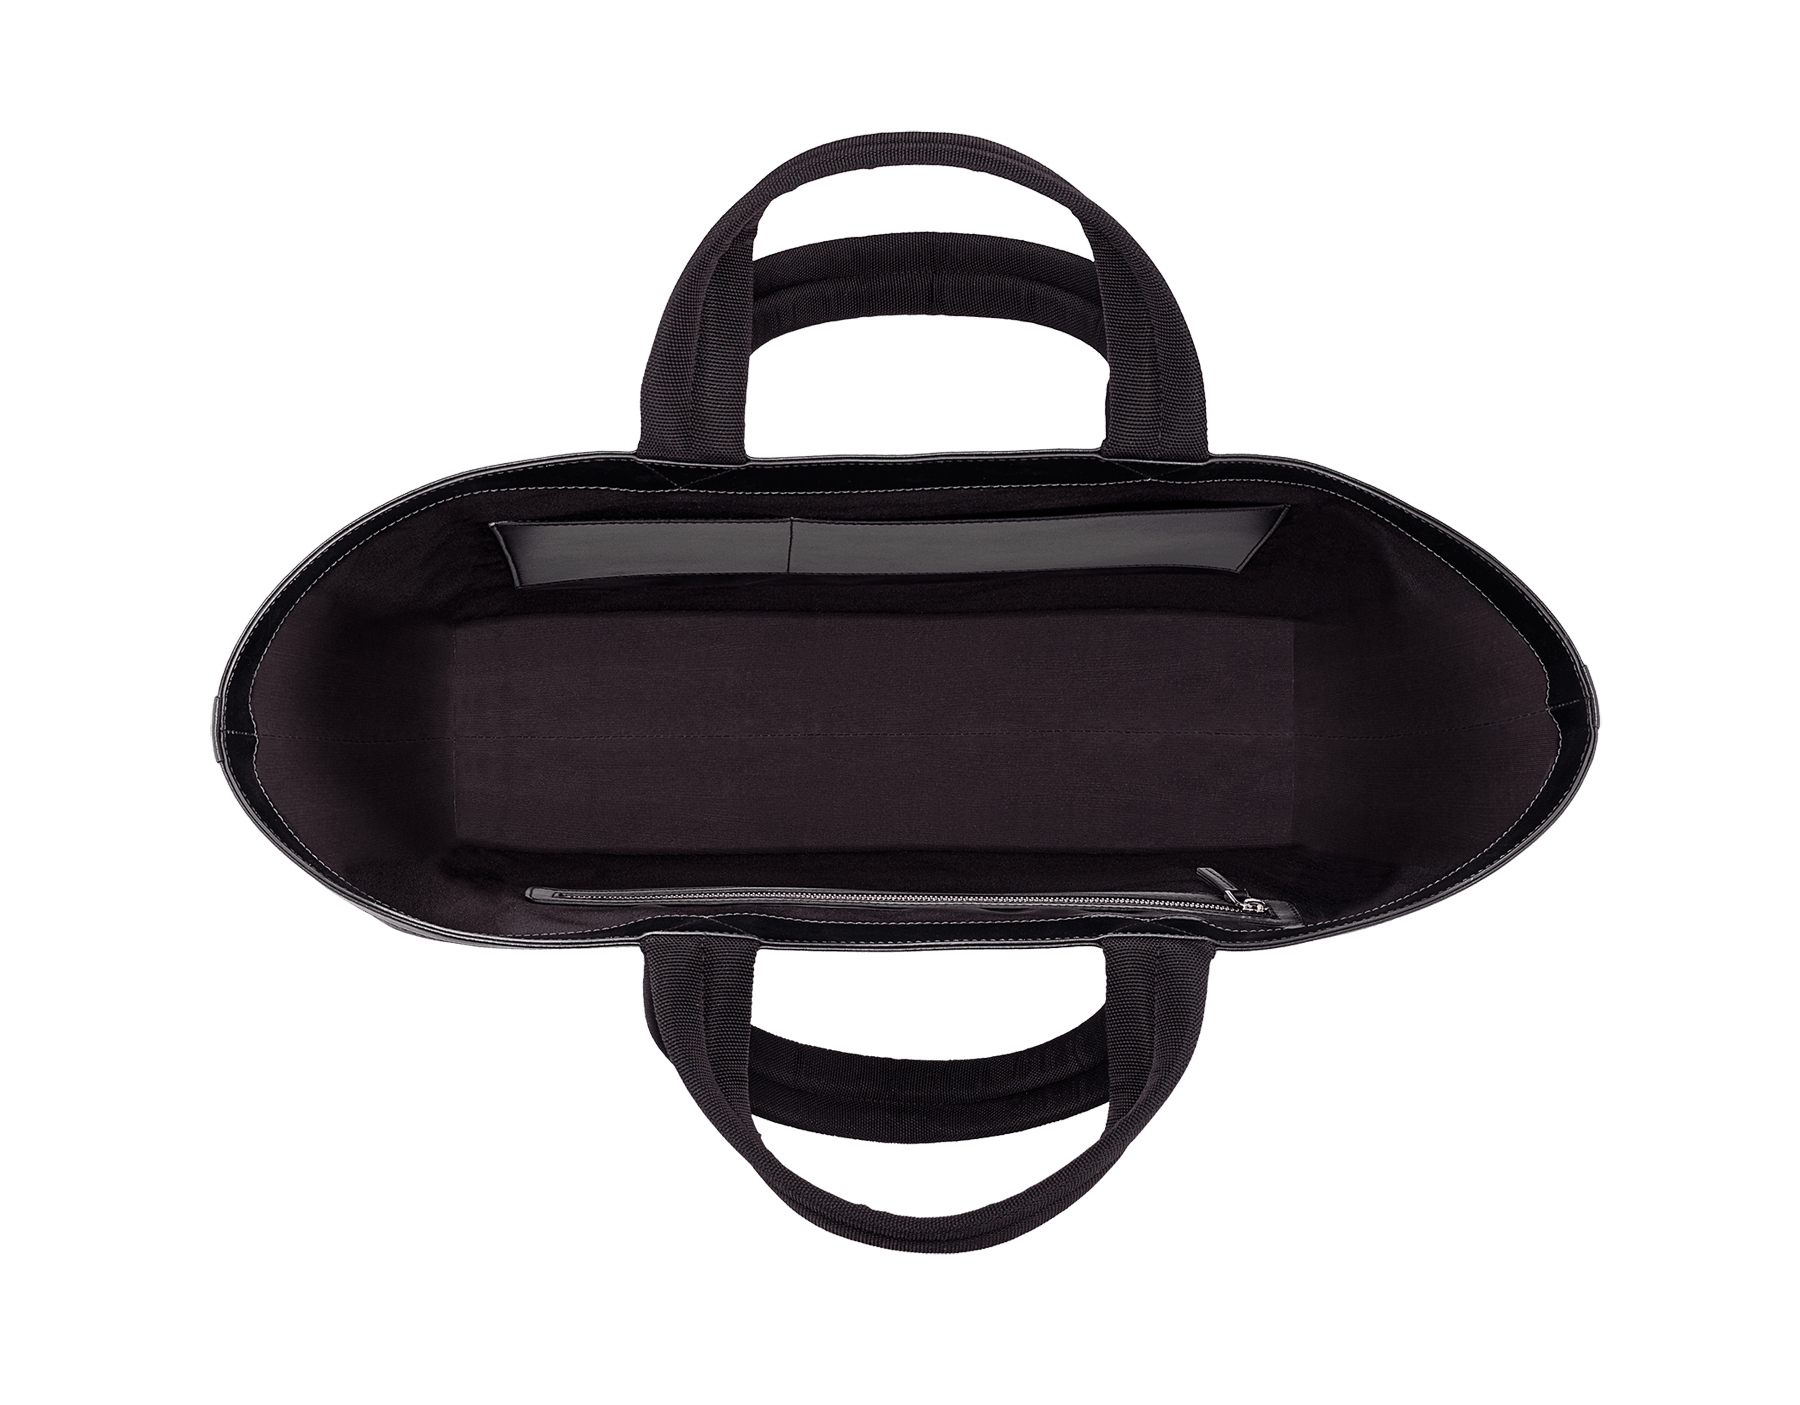 パラジウムプレートブラス製金具と「FRAGMENT」シルバースモールロゴが付いた ブラックパフィーナイロン製「FRAGMENT X BVLGARI by Hiroshi Fujiwara」ショッピングバッグ。 290772 image 5